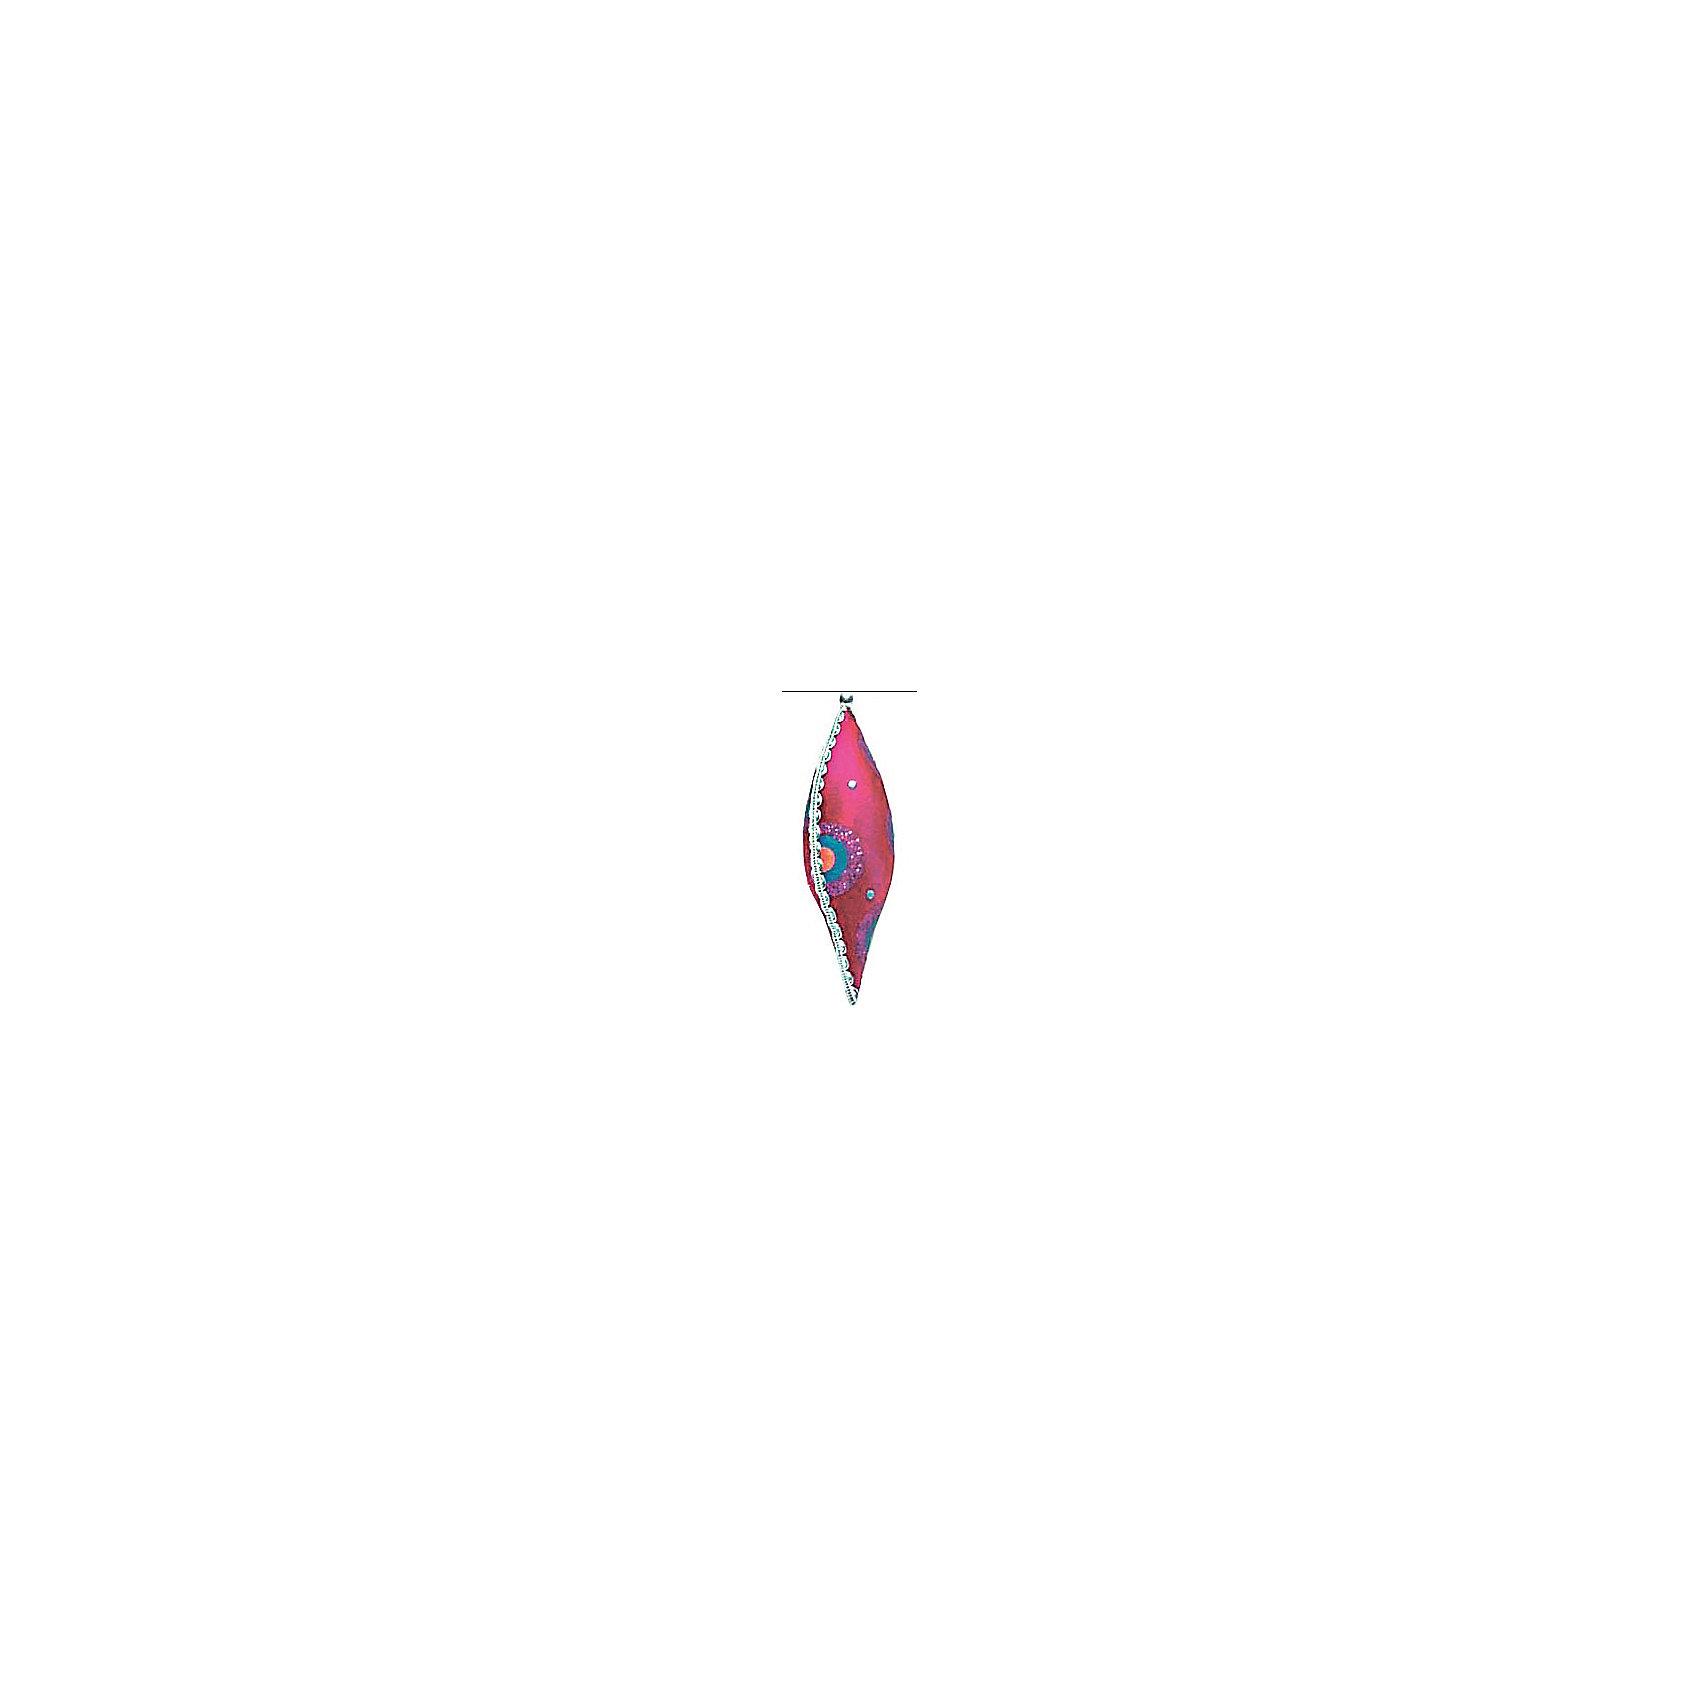 Marko Ferenzo Украшение Детская: сосулька флок, 15 см елочное украшение носок marko ferenzo